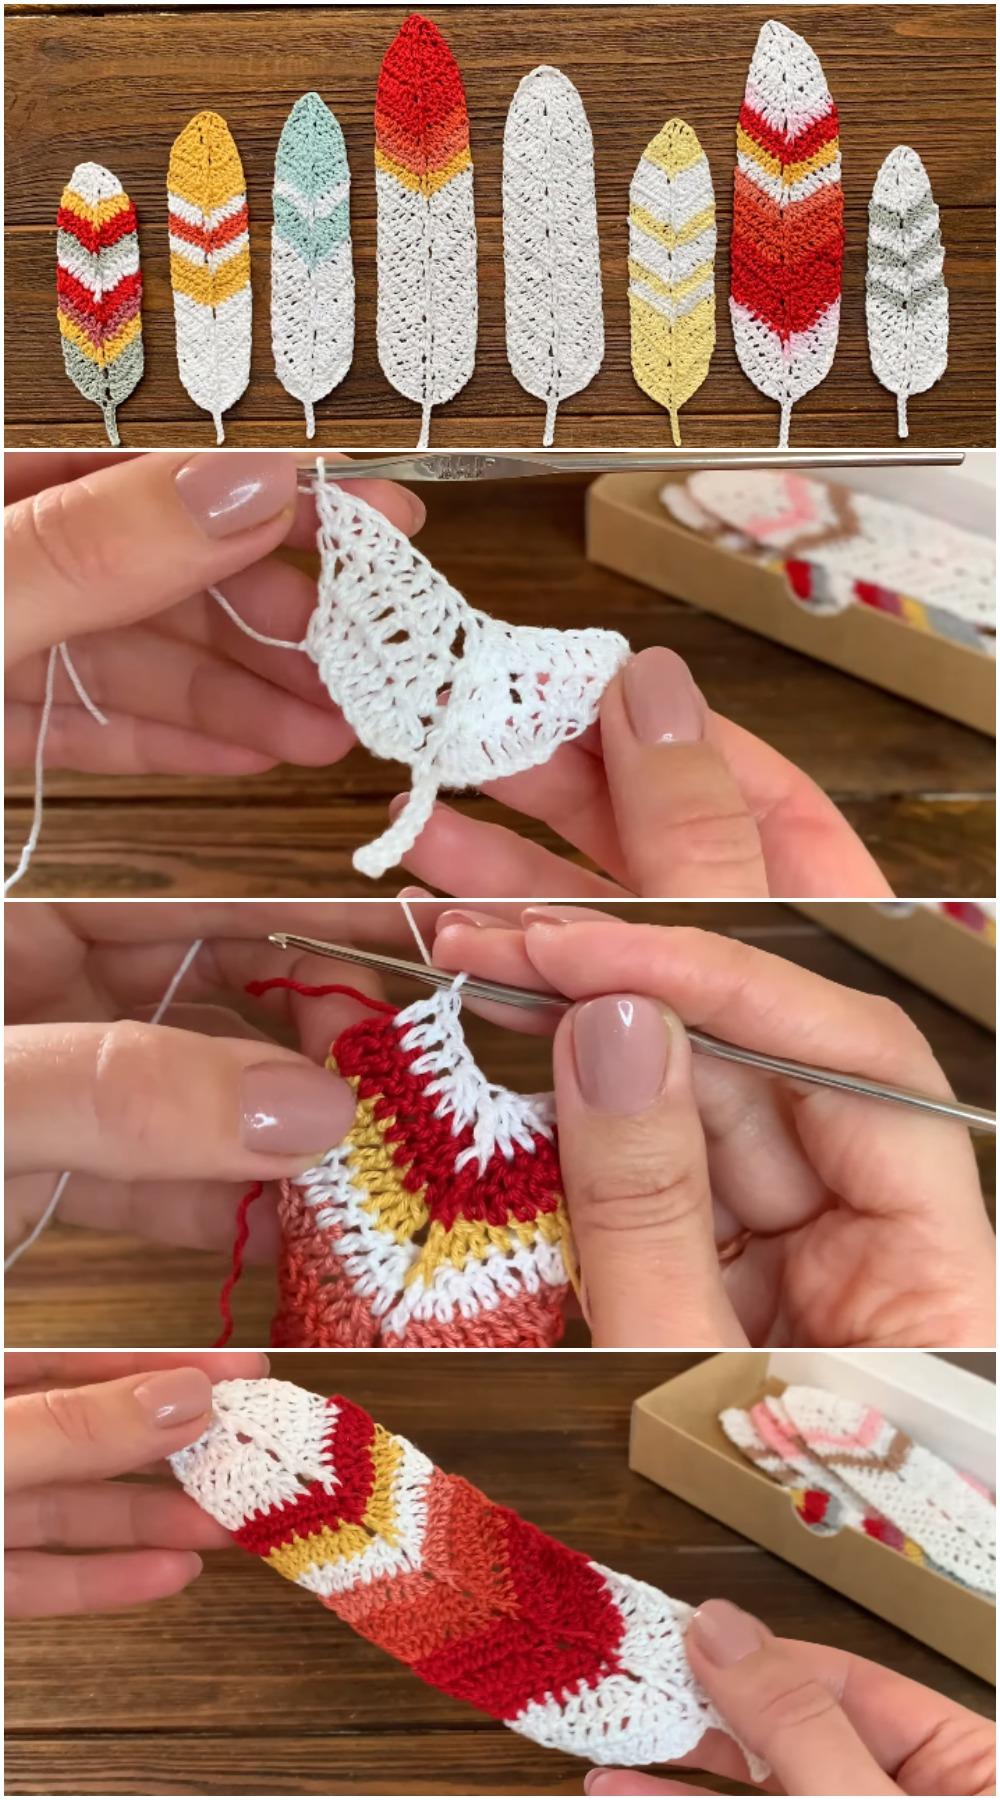 Crochet Easy Feathers Pattern Ideas